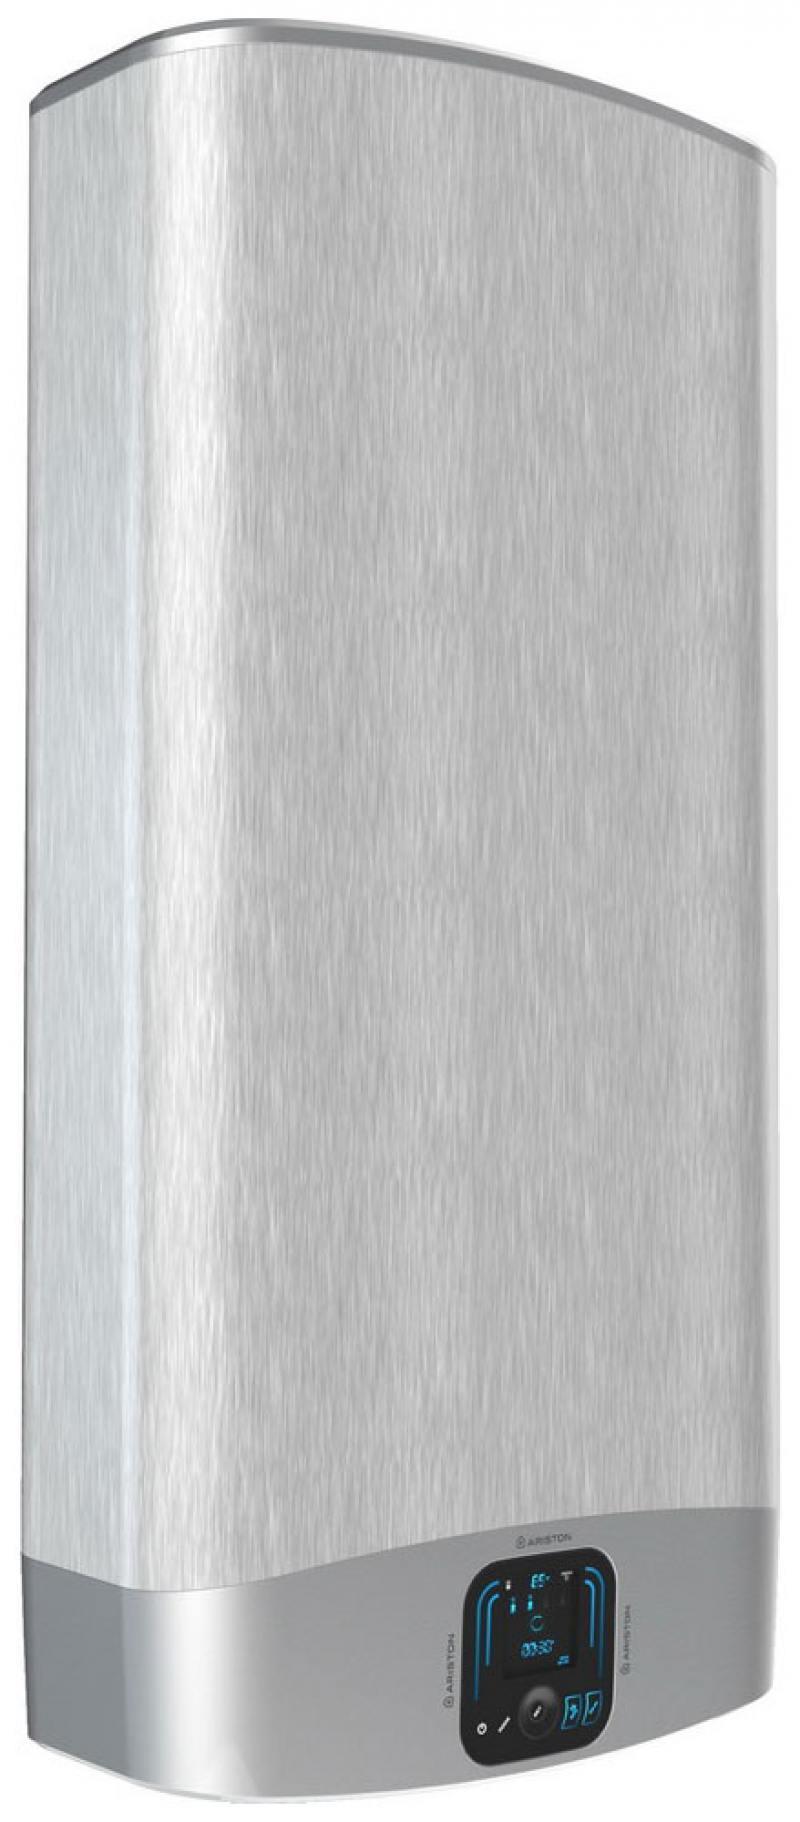 Водонагреватель накопительный Ariston ABS VLS EVO WI-FI 80 80л 2.5кВт серебристый 3700456